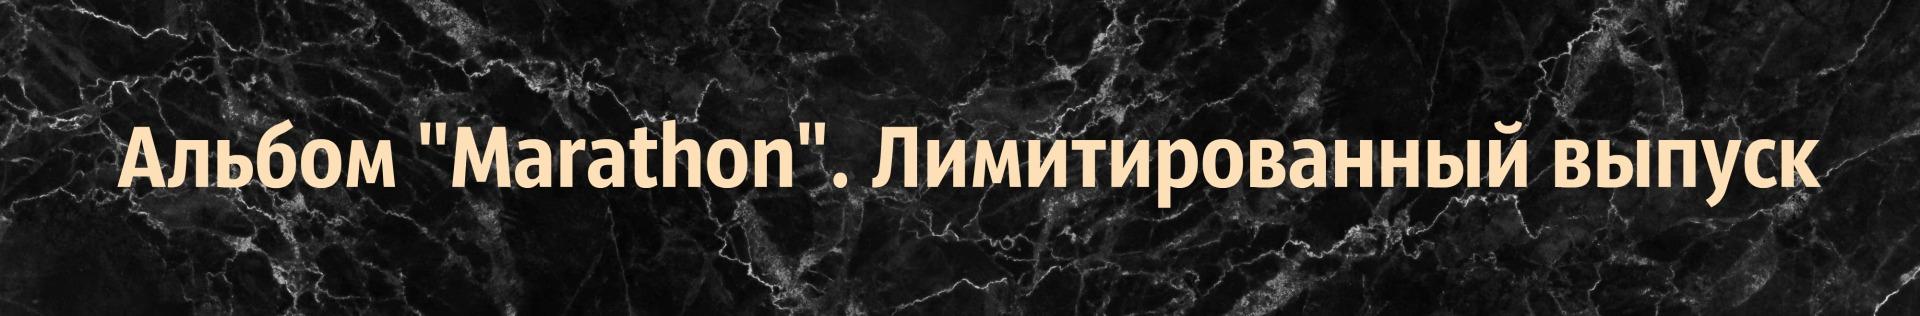 """АЛЬБОМ """"MARATHON"""". ЛИМИТРИРОВАННЫЙ ВЫПУСК"""